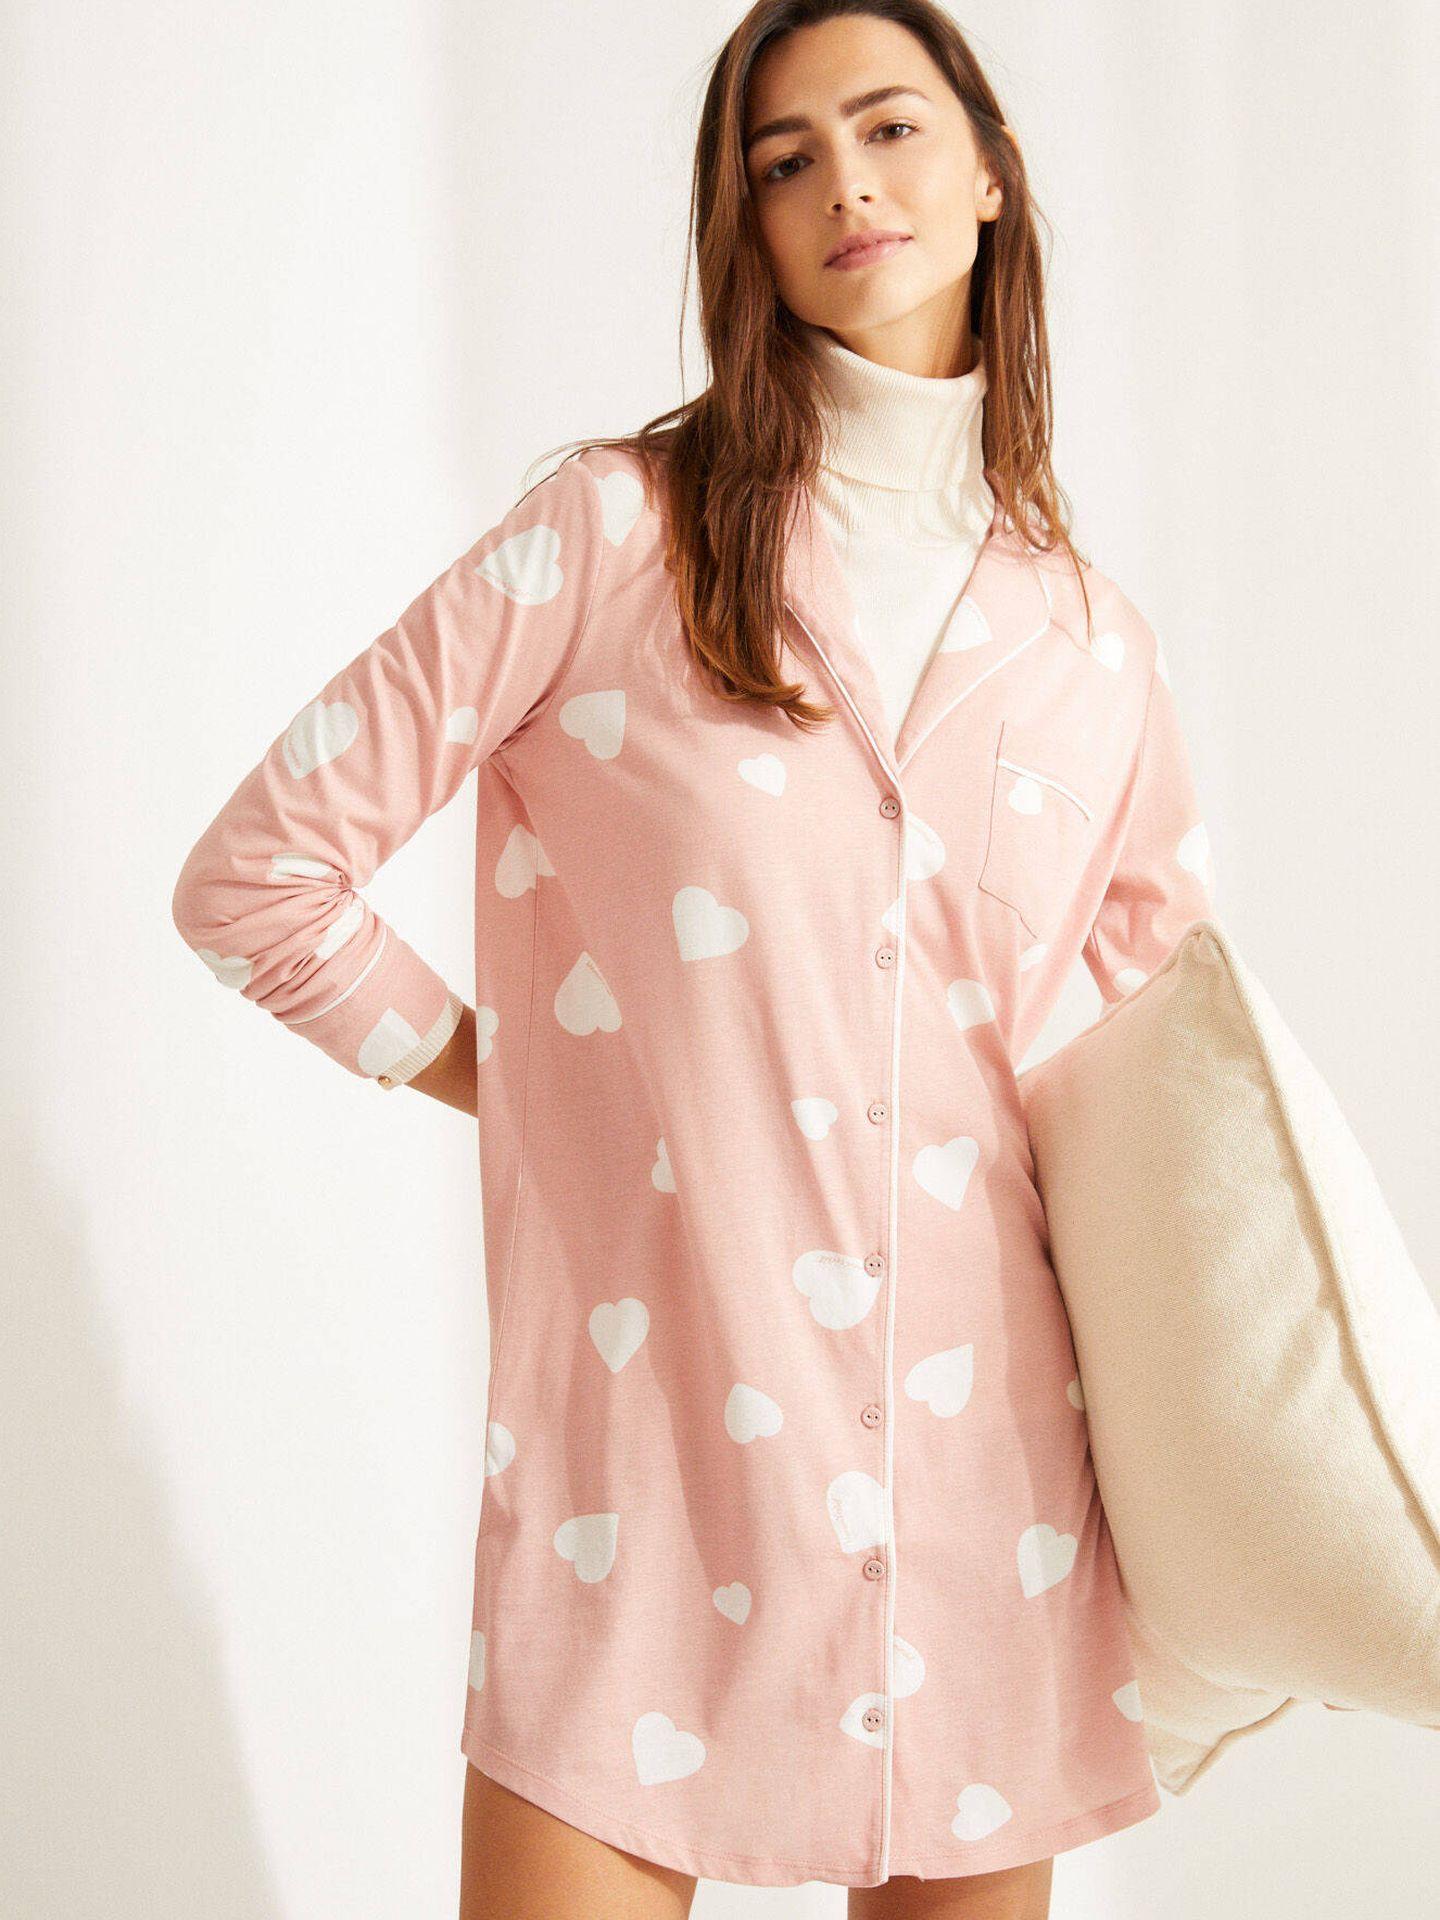 Pijama de Women Secret. (Cortesía)